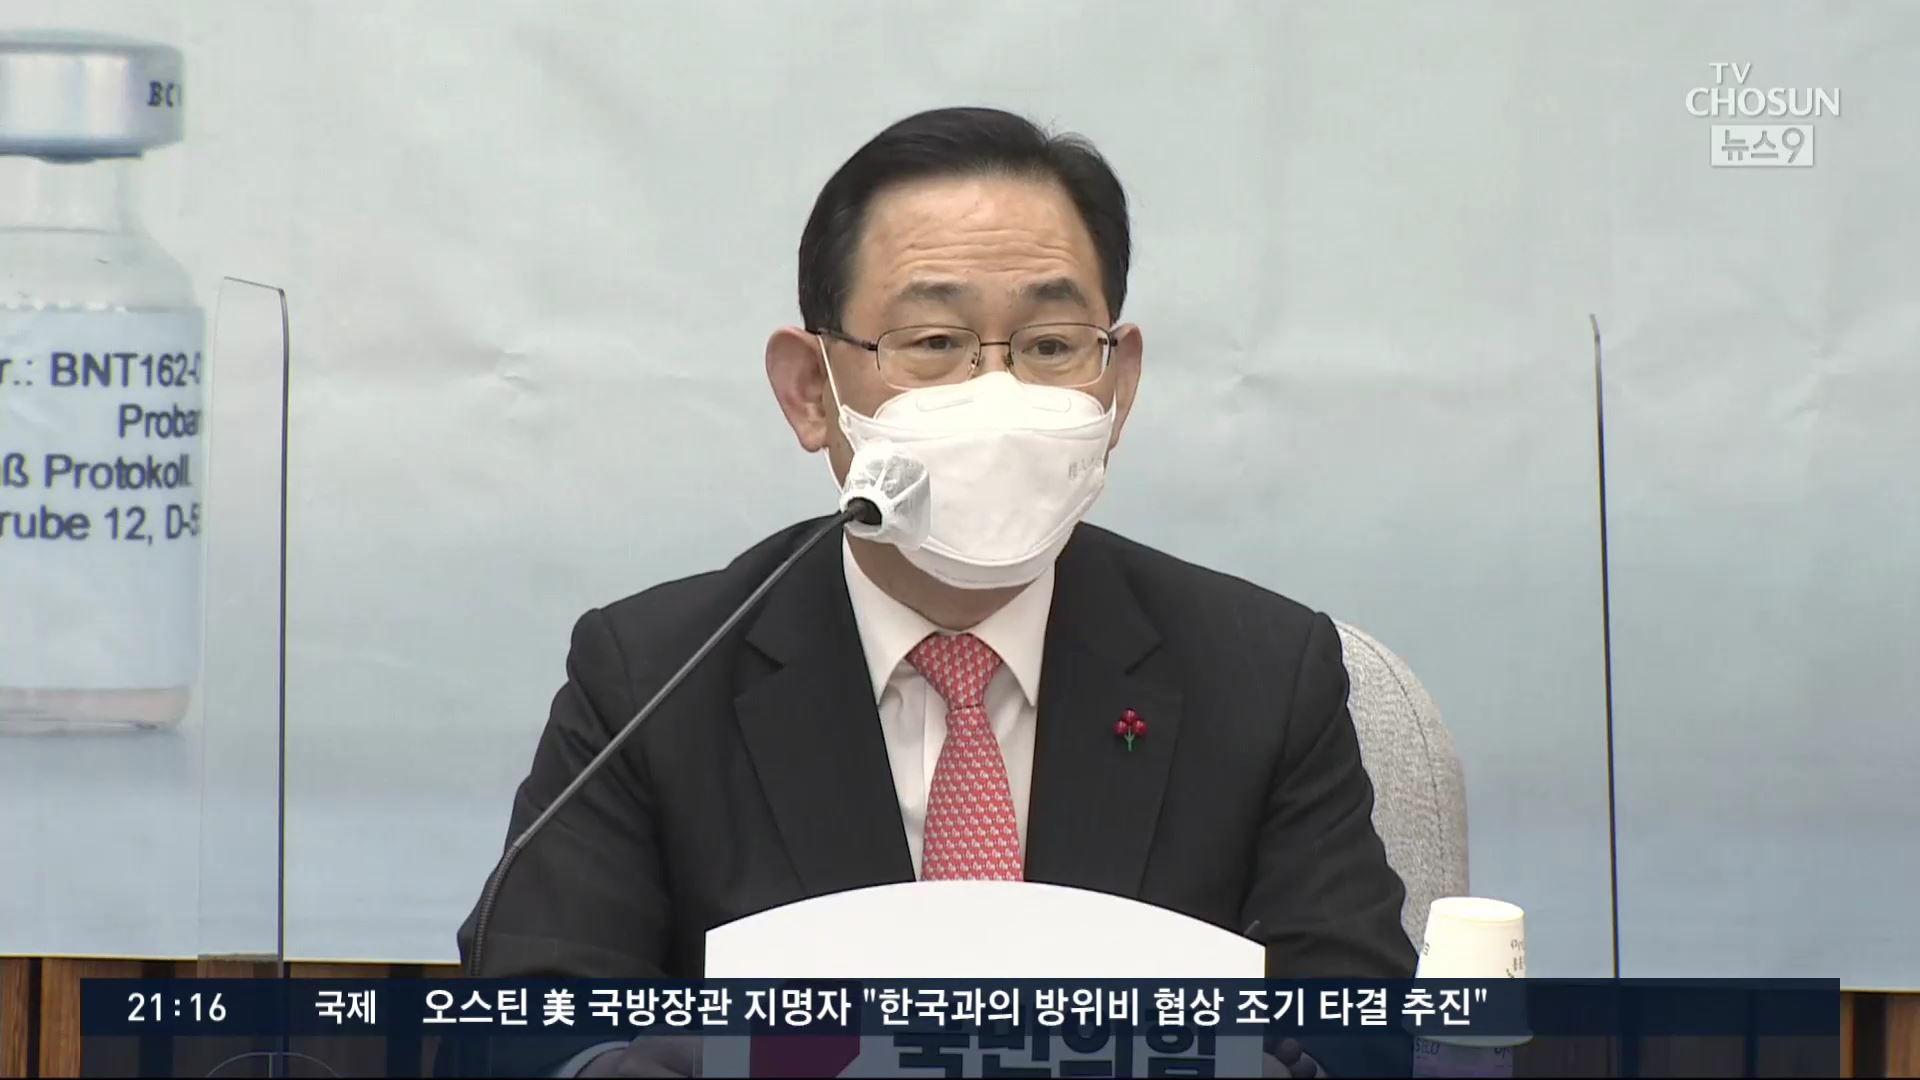 與, 주호영 '文 사면대상' 발언 맹공…김경협 '공업용 미싱 보낸다'